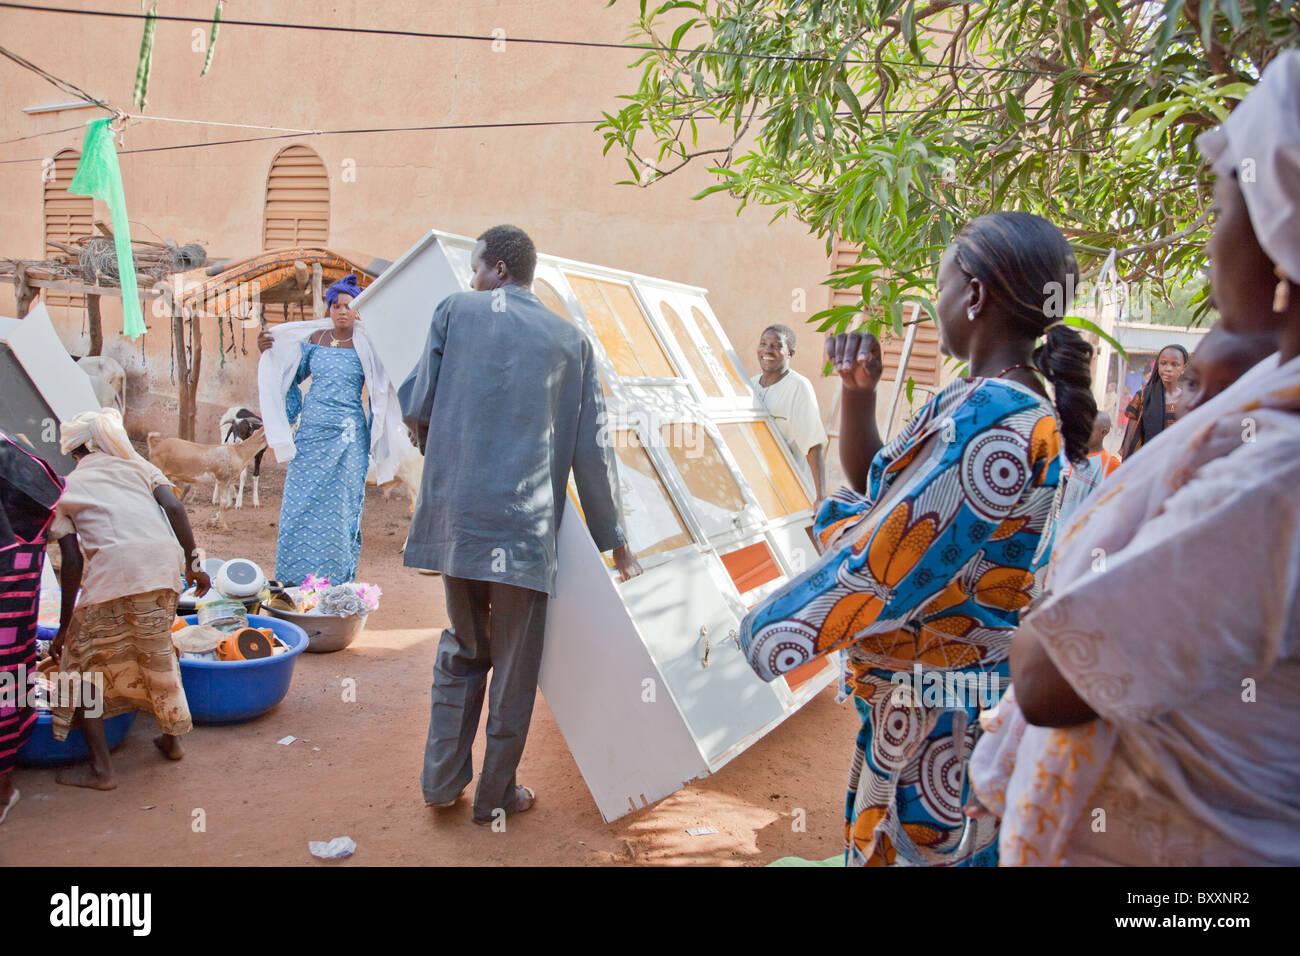 Au Burkina Faso, un mariage Peul a eu lieu. Le jour de l' 'bantule, amis/famille déplacer les meubles Photo Stock